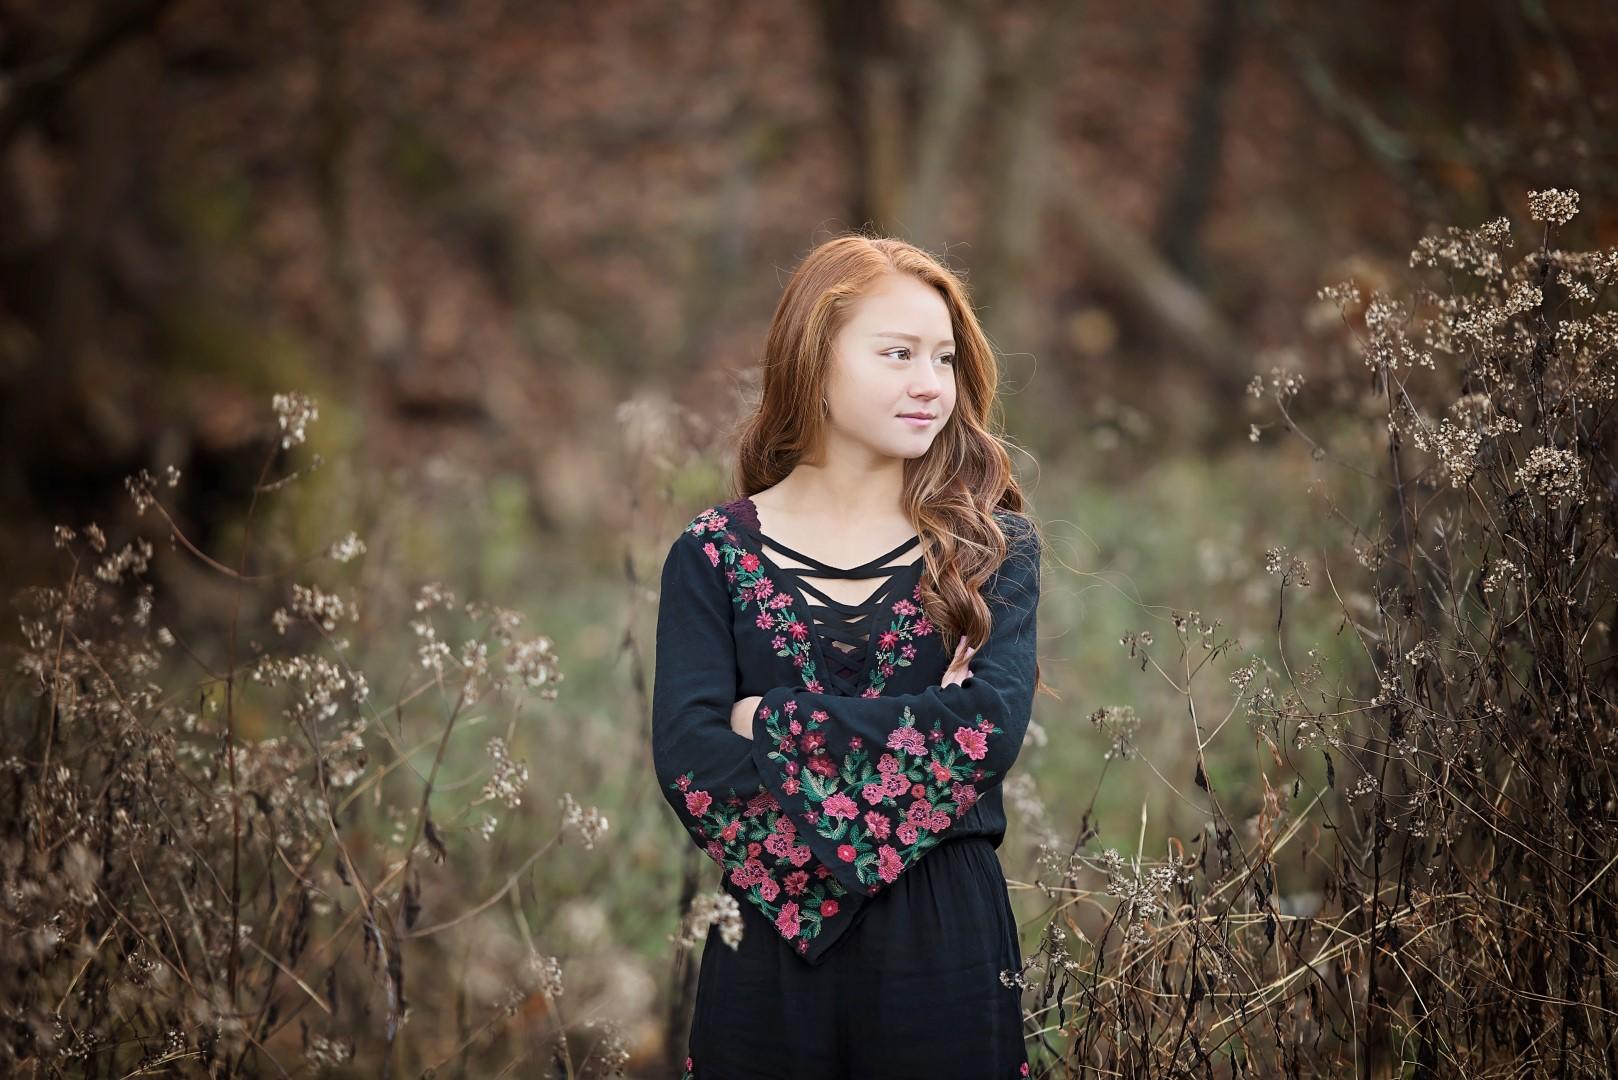 Carli_Black_Senior_28 (Large).jpg